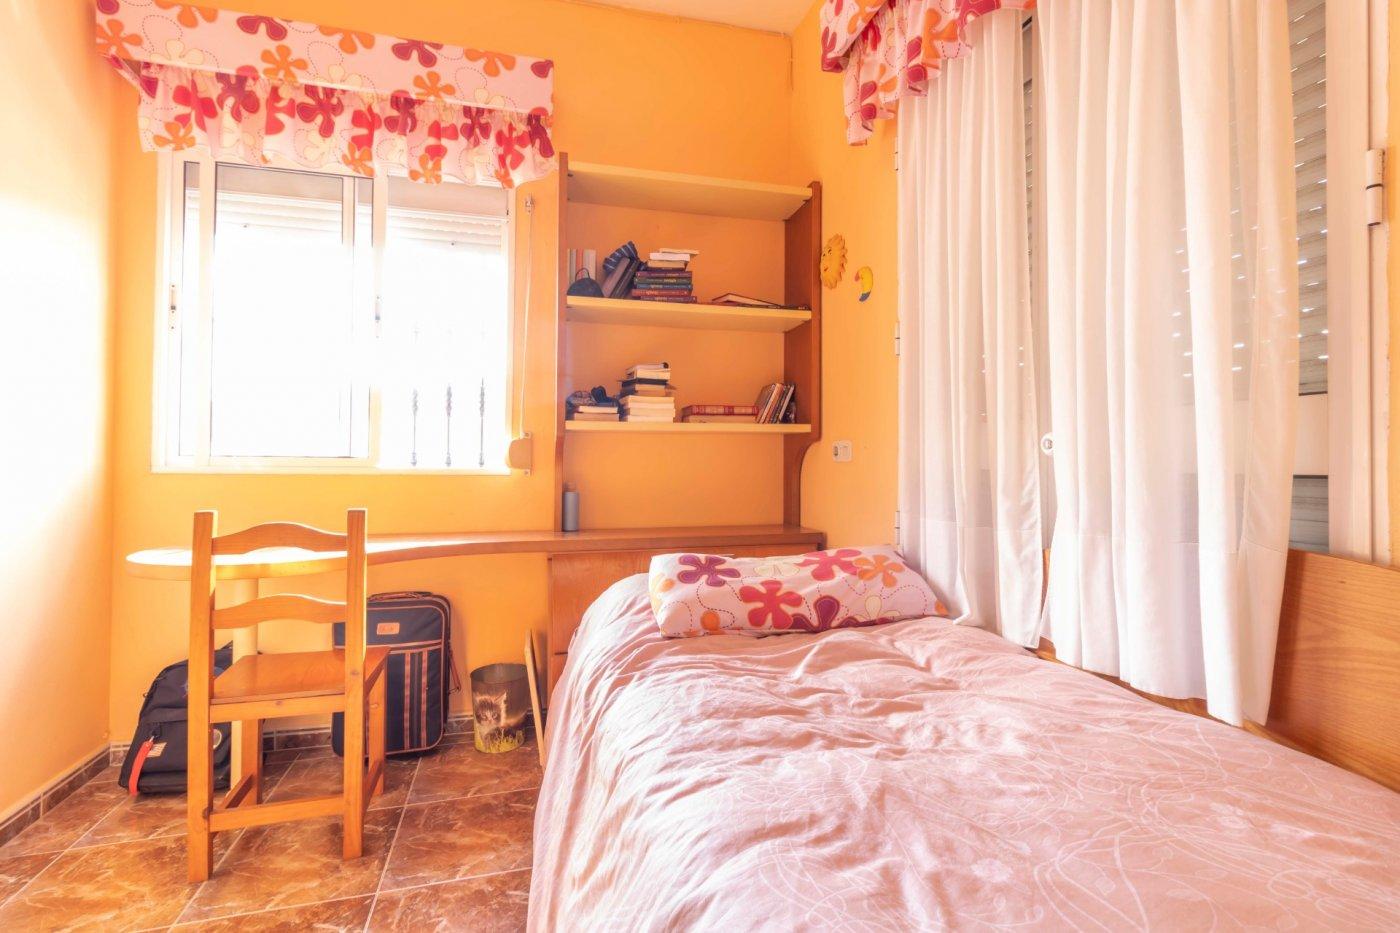 Casa a la venta en salteras - imagenInmueble33